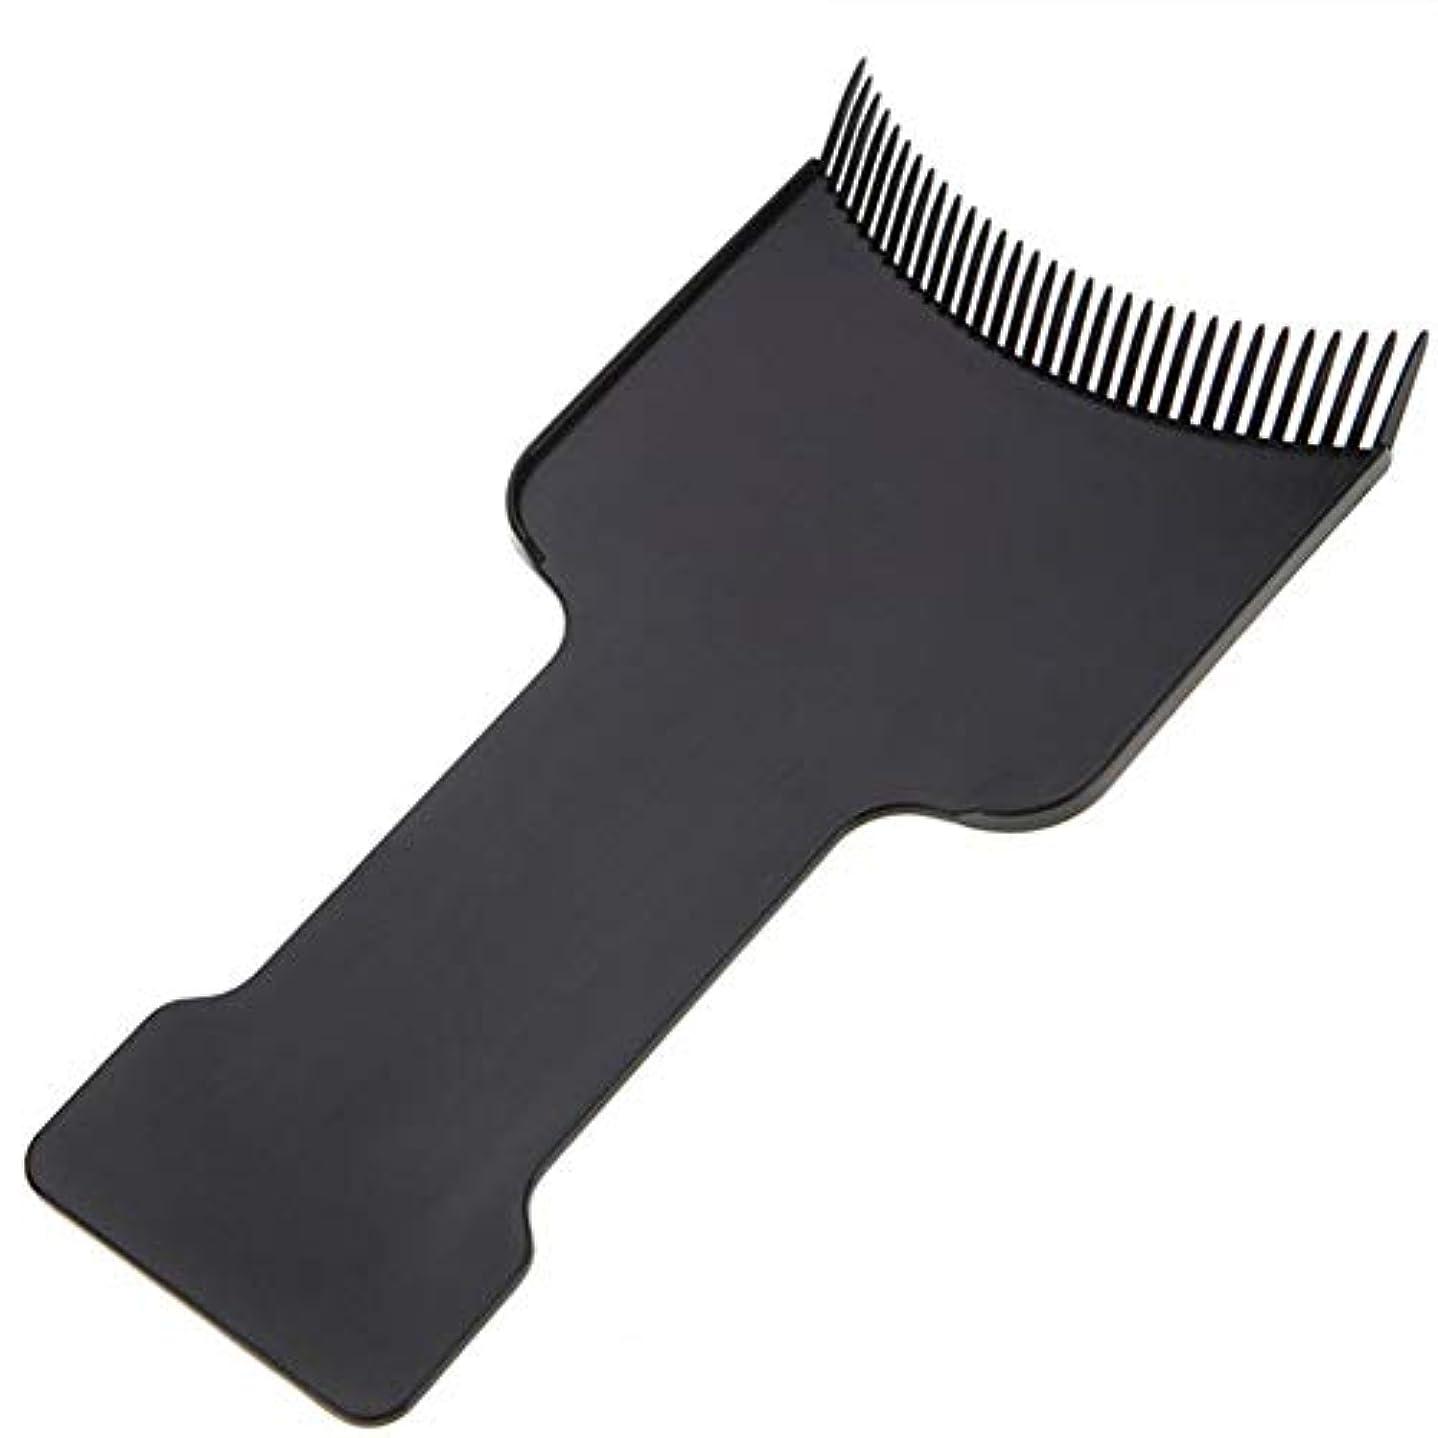 冷酷な粉砕する地域SILUN 理髪ヘアカラーボード 理髪サロン髪 着色染色ボードヘアトリートメントケアピックカラーボードコーム理髪ツール プロフェッショナルブラックヘアブラシボード理髪美容ツール